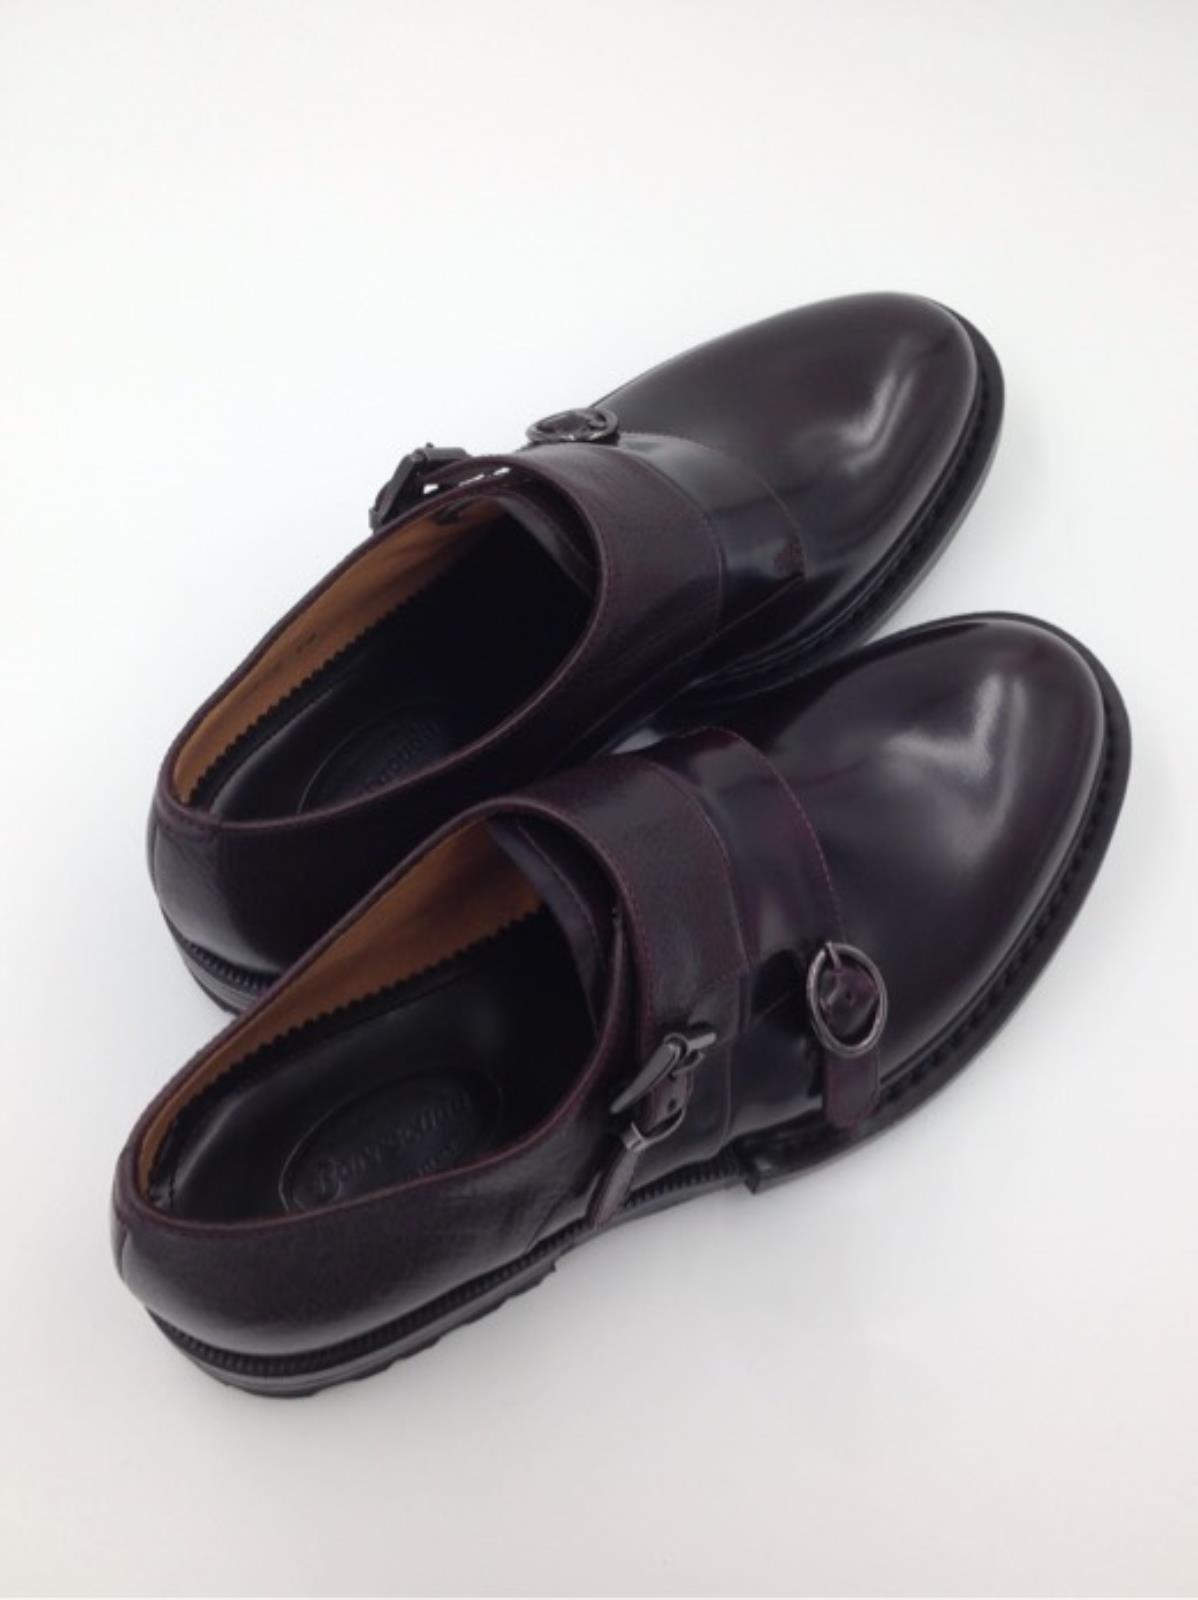 Acquista barracuda scarpe - OFF40% sconti 9c11b87b2c8